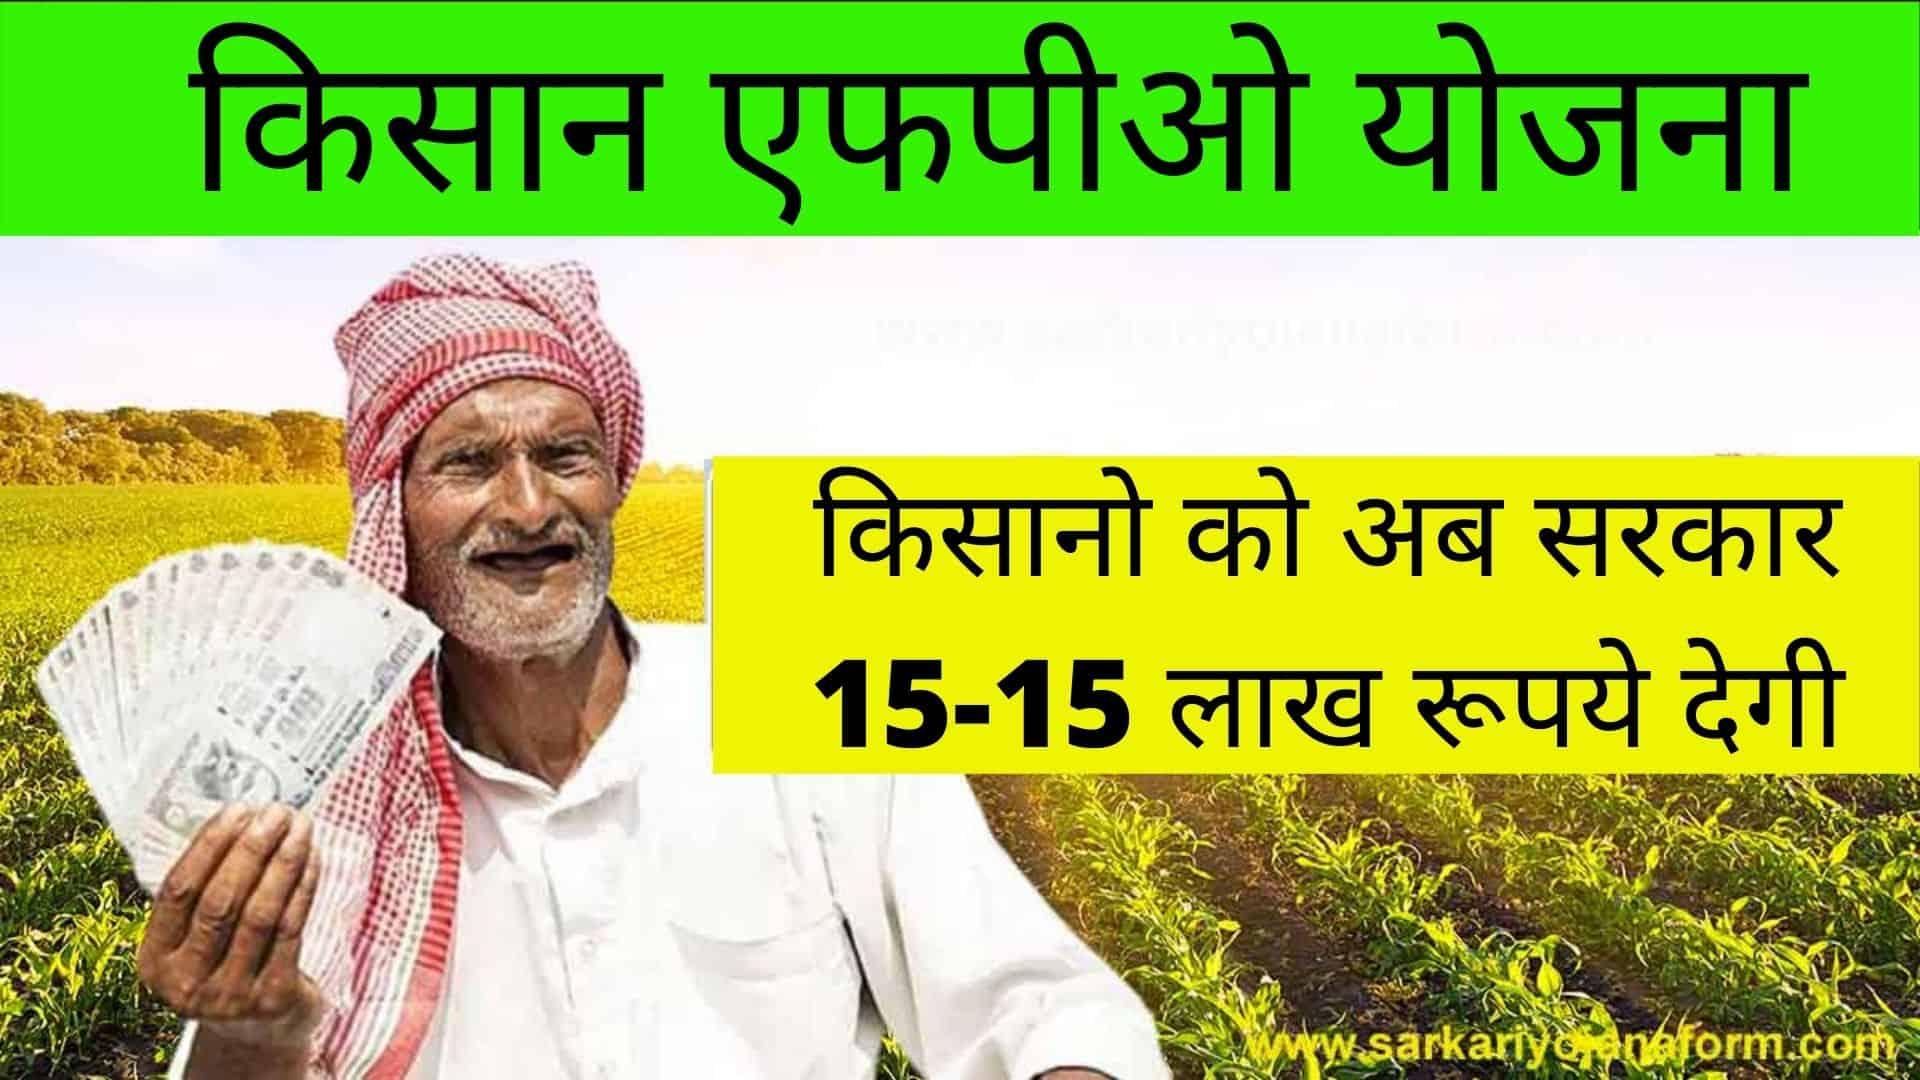 Pm Kisan FPO Yojana किसानो को अब सरकार 15-15 लाख रूपये देगी_